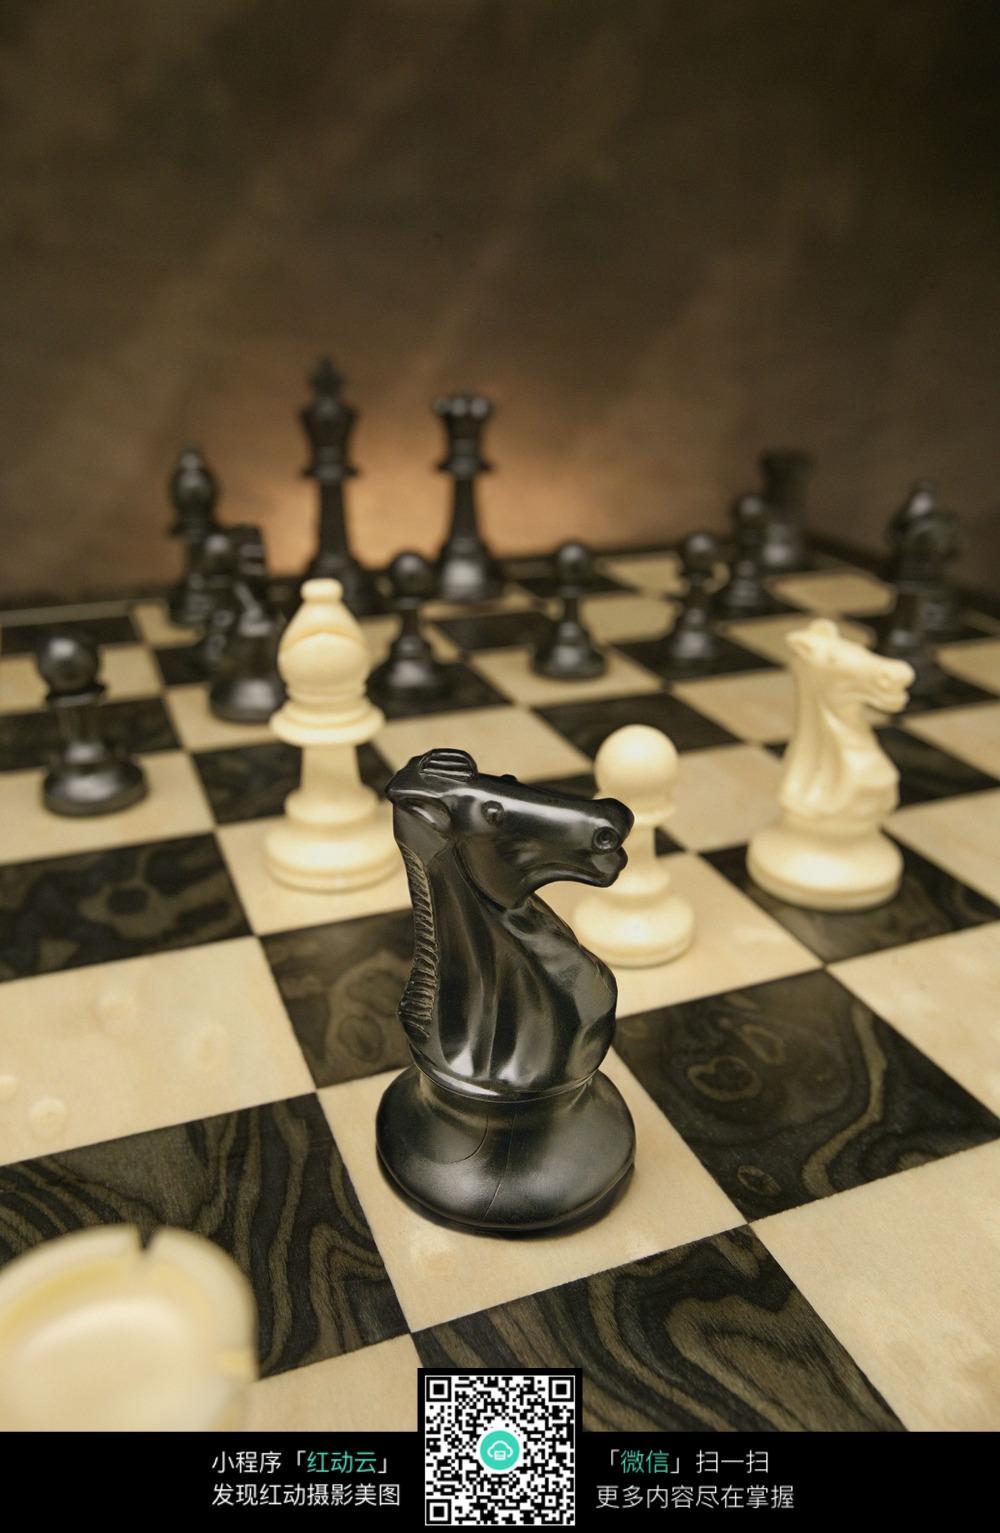 黑白马头国际象棋图片